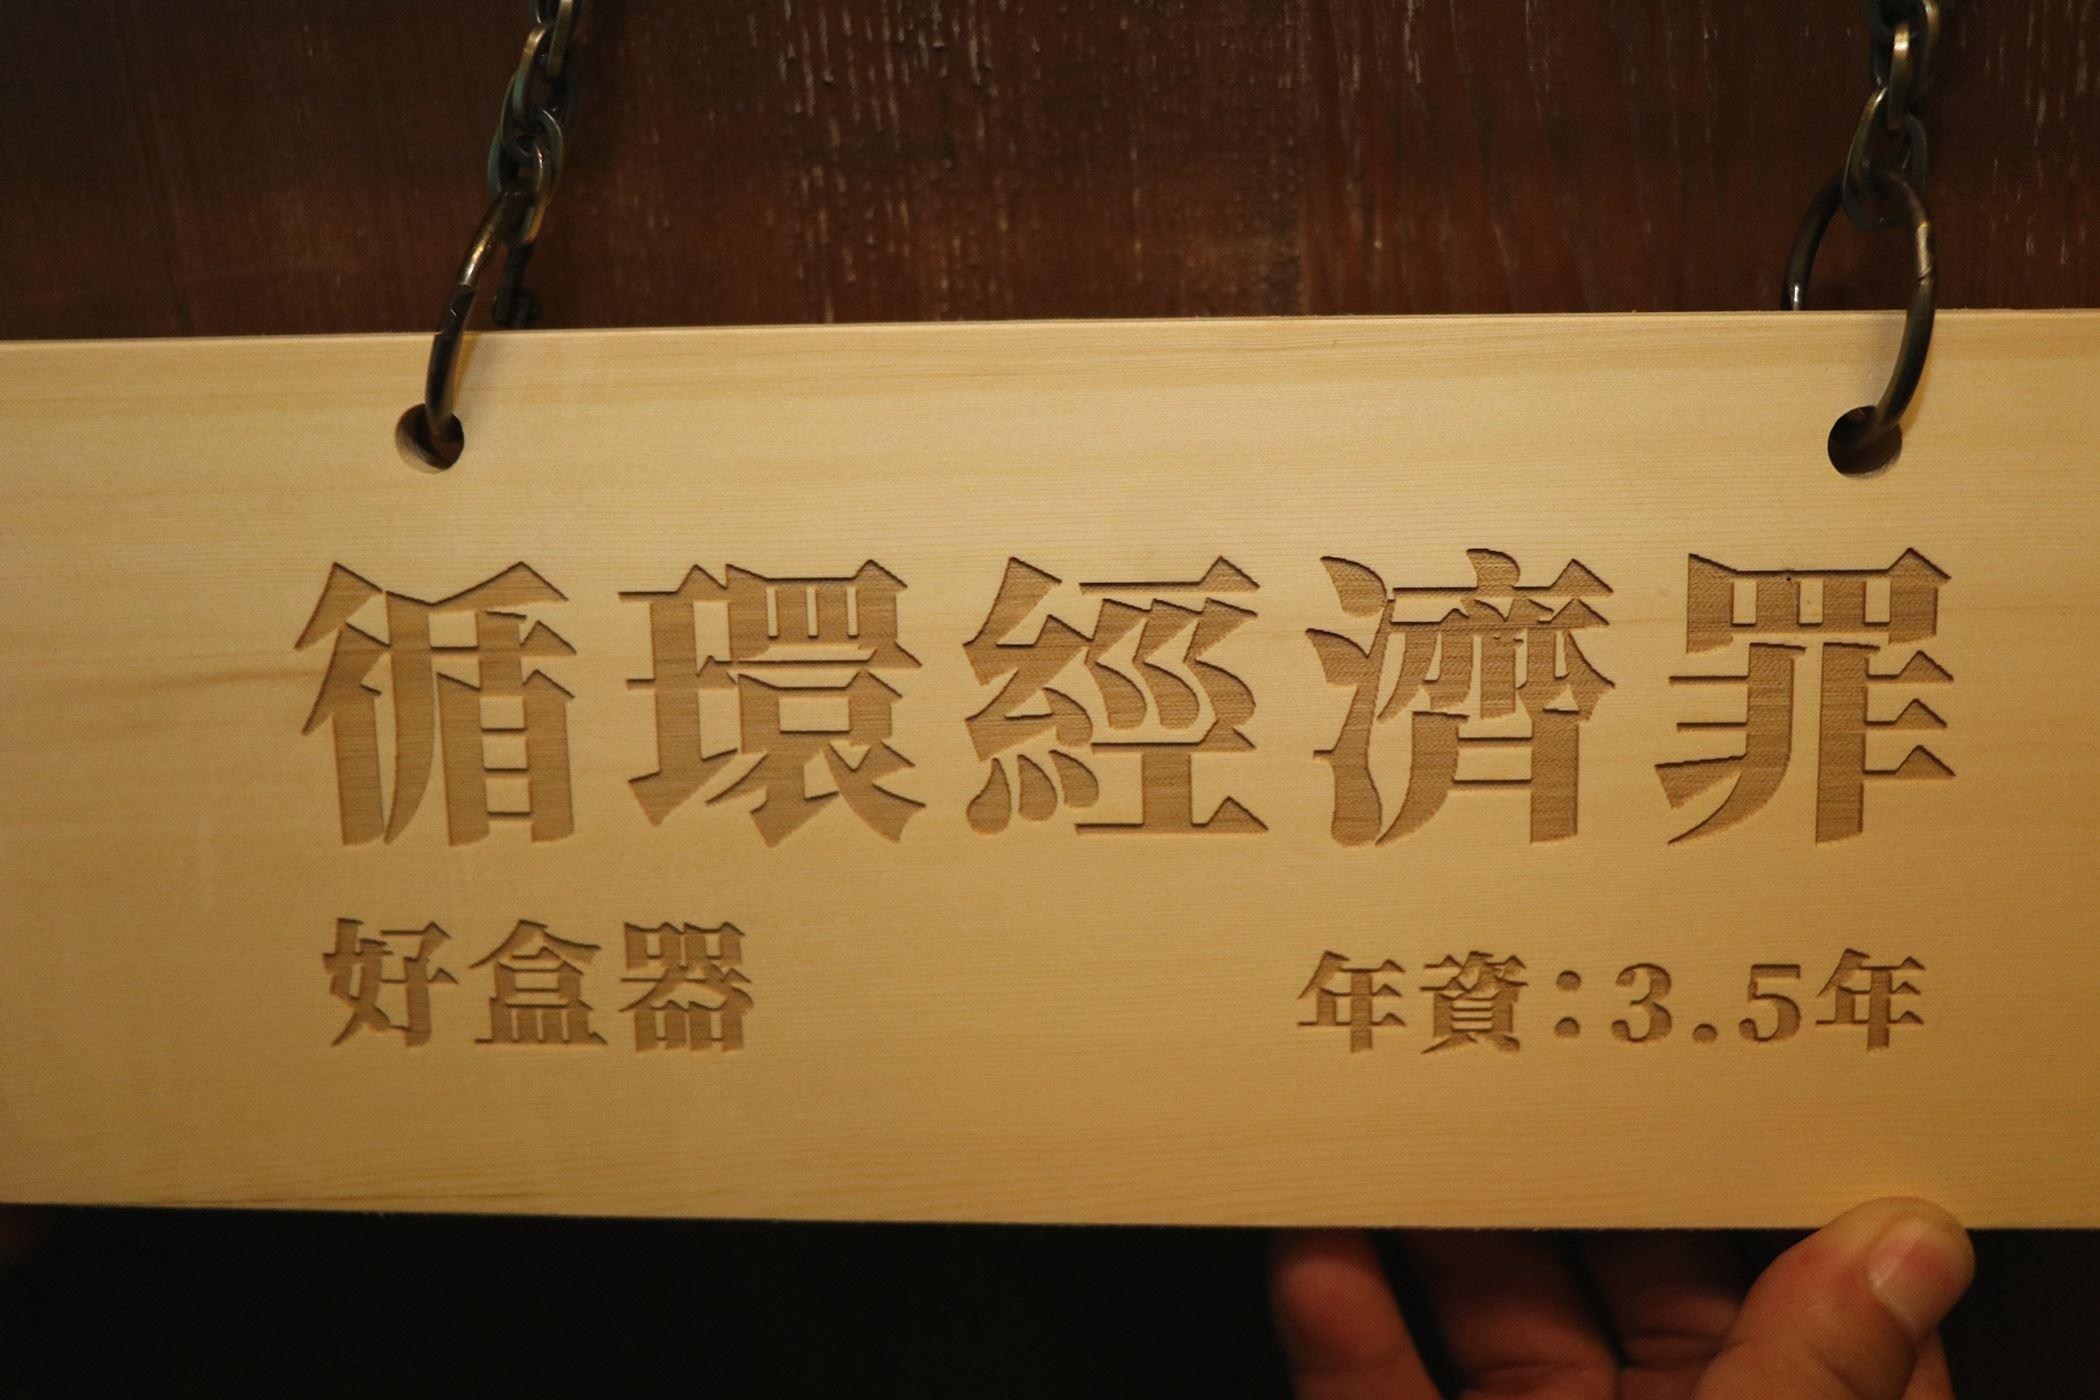 重啟囚禁之所,讓舊監自由!嘉義舊監獄首度全區開放_揭開2021台灣設計展首部曲3.jpg